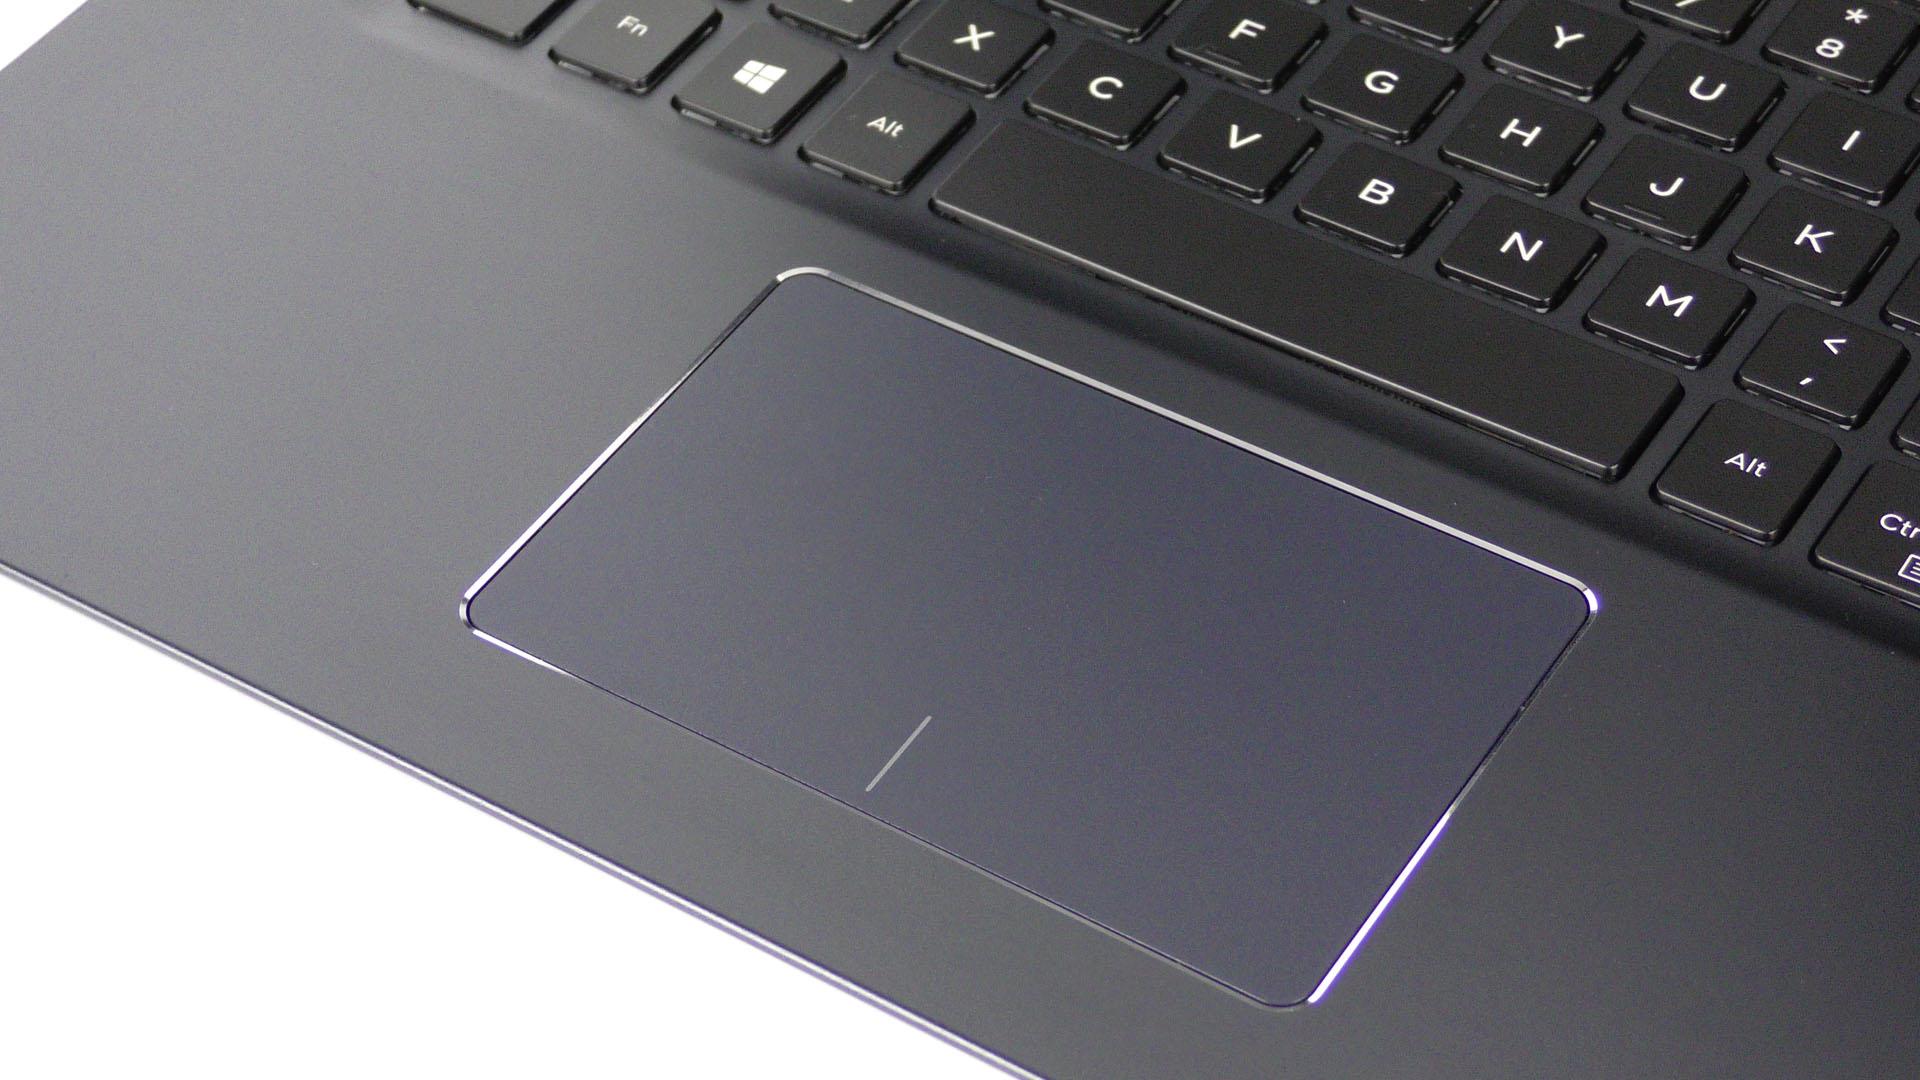 Ноутбук Dell Vostro 5471 - характеристика модели - тачпад ноутбука Dell